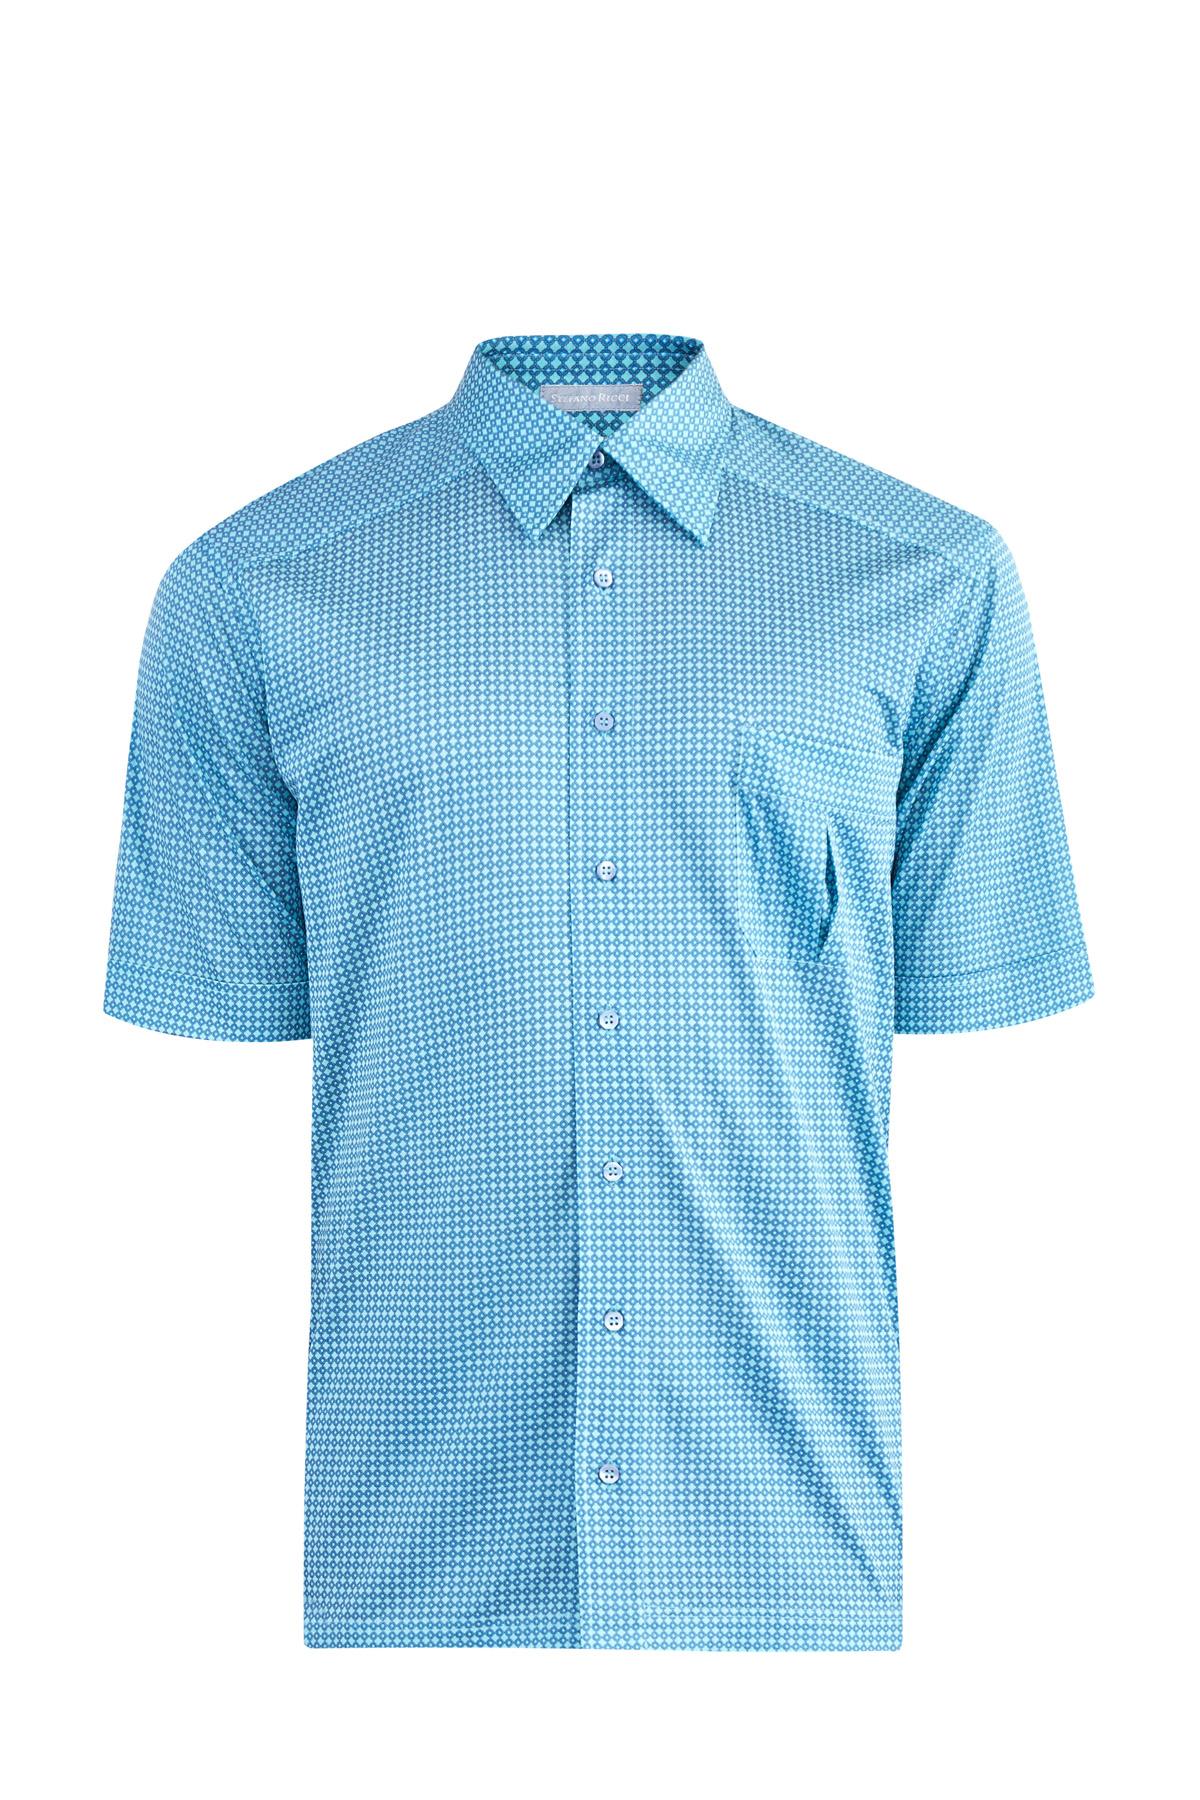 Рубашка, STEFANO RICCI, Италия, 100% шелк  - купить со скидкой